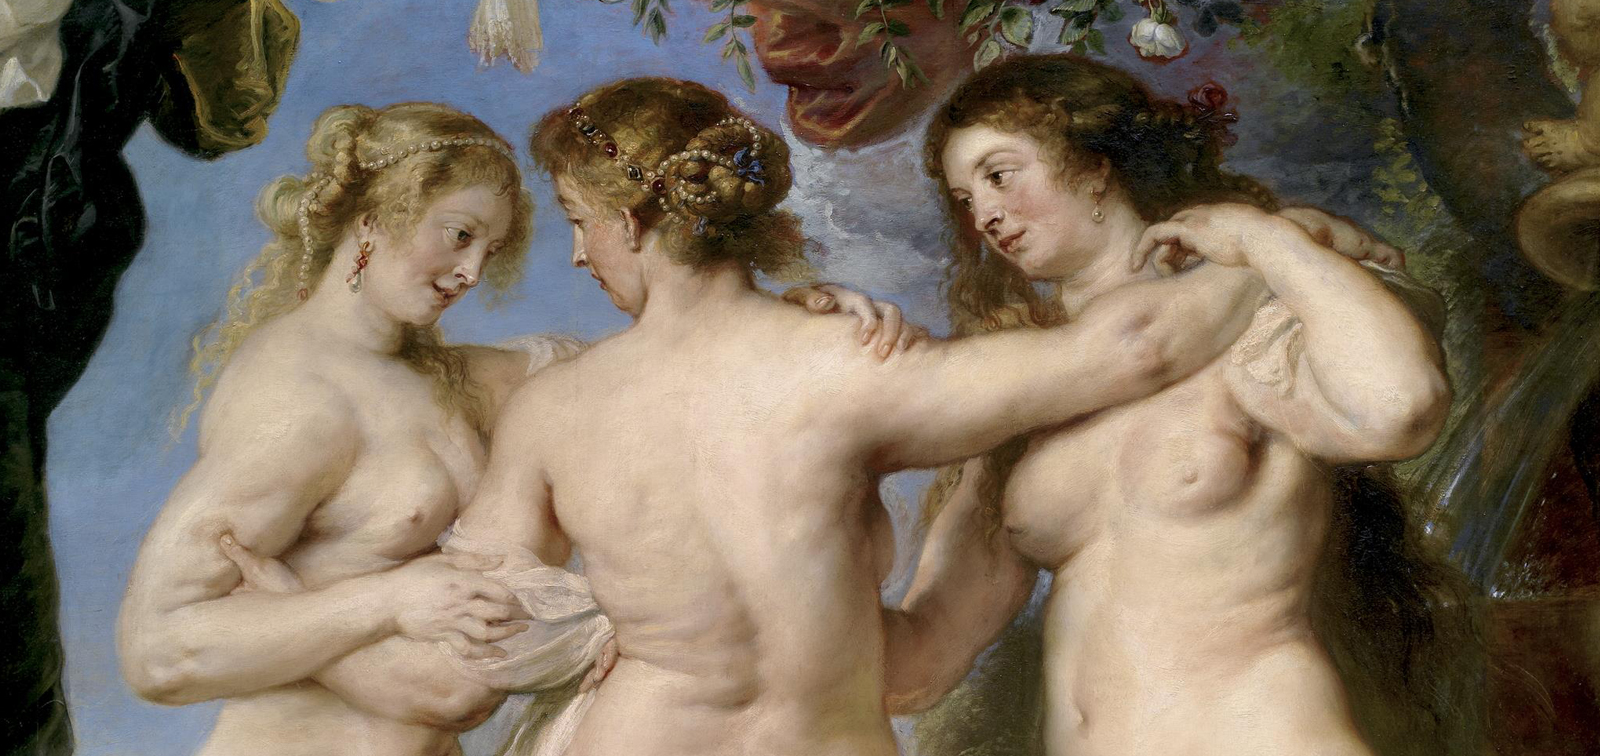 Exposición didáctica: el Museo del Prado en El Salvador